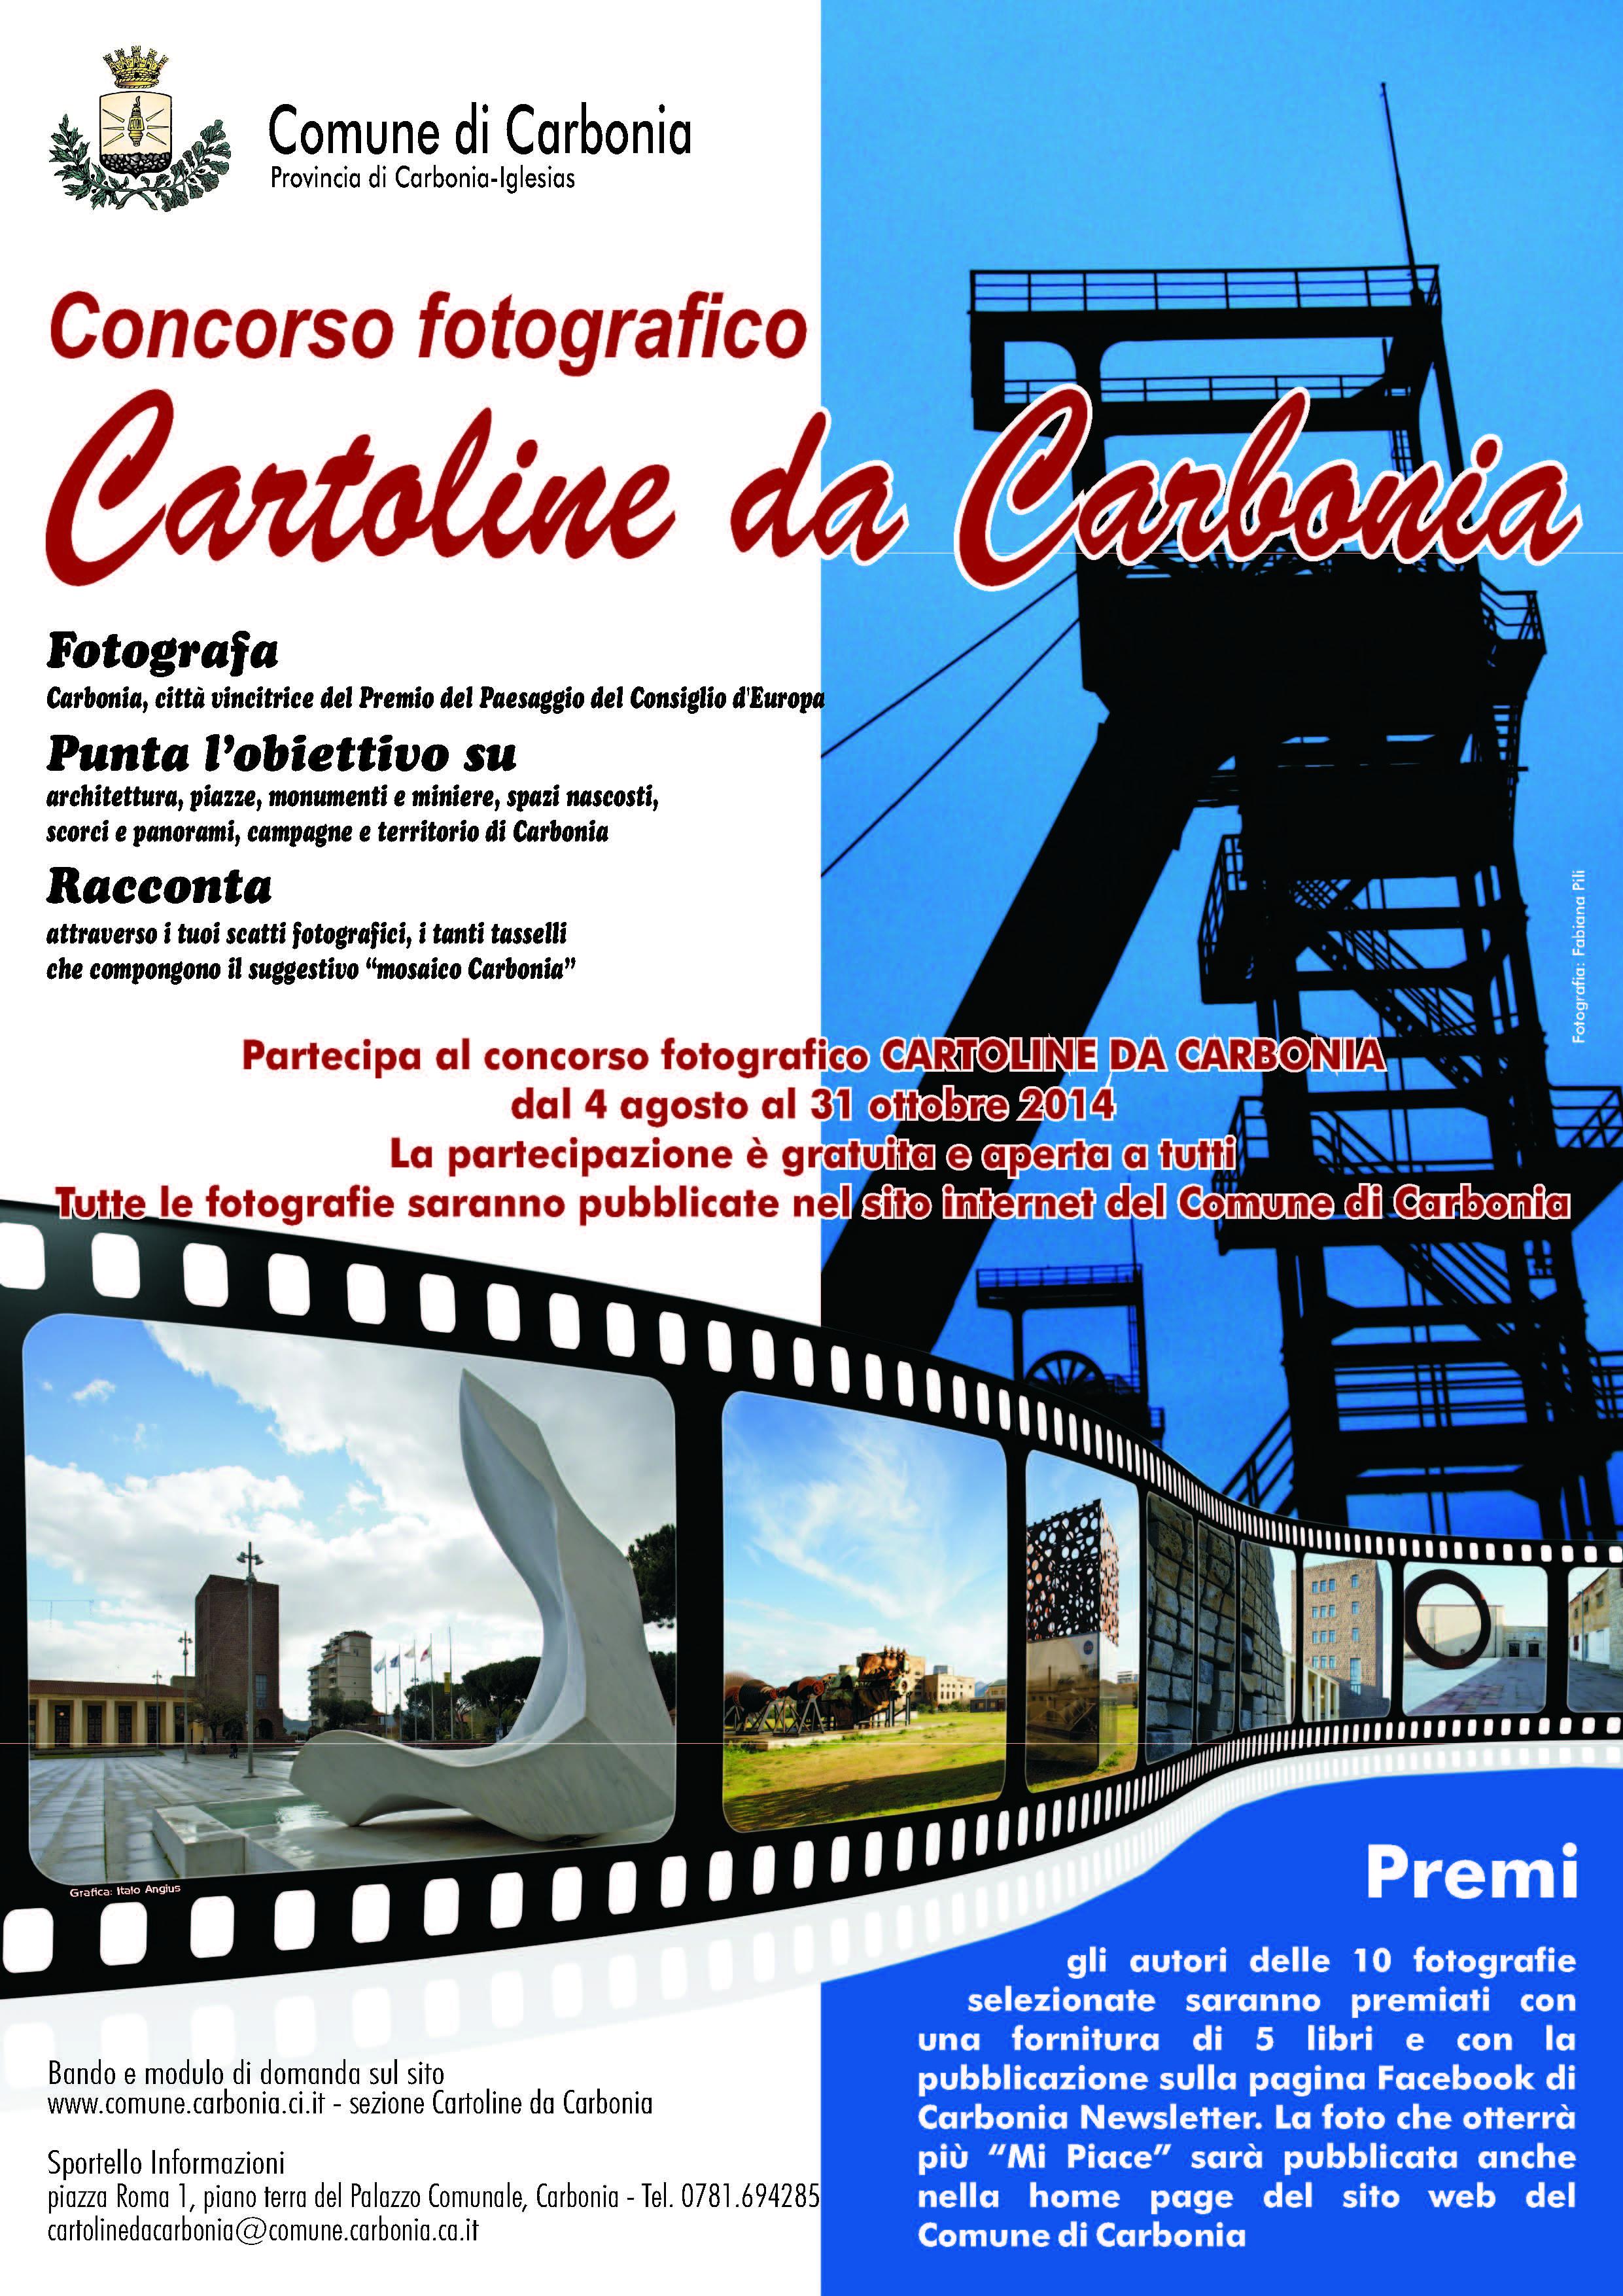 """Concorso fotografico """"Cartolini da Carbonia"""" dal 4 agosto al 31 ottobre 2014"""